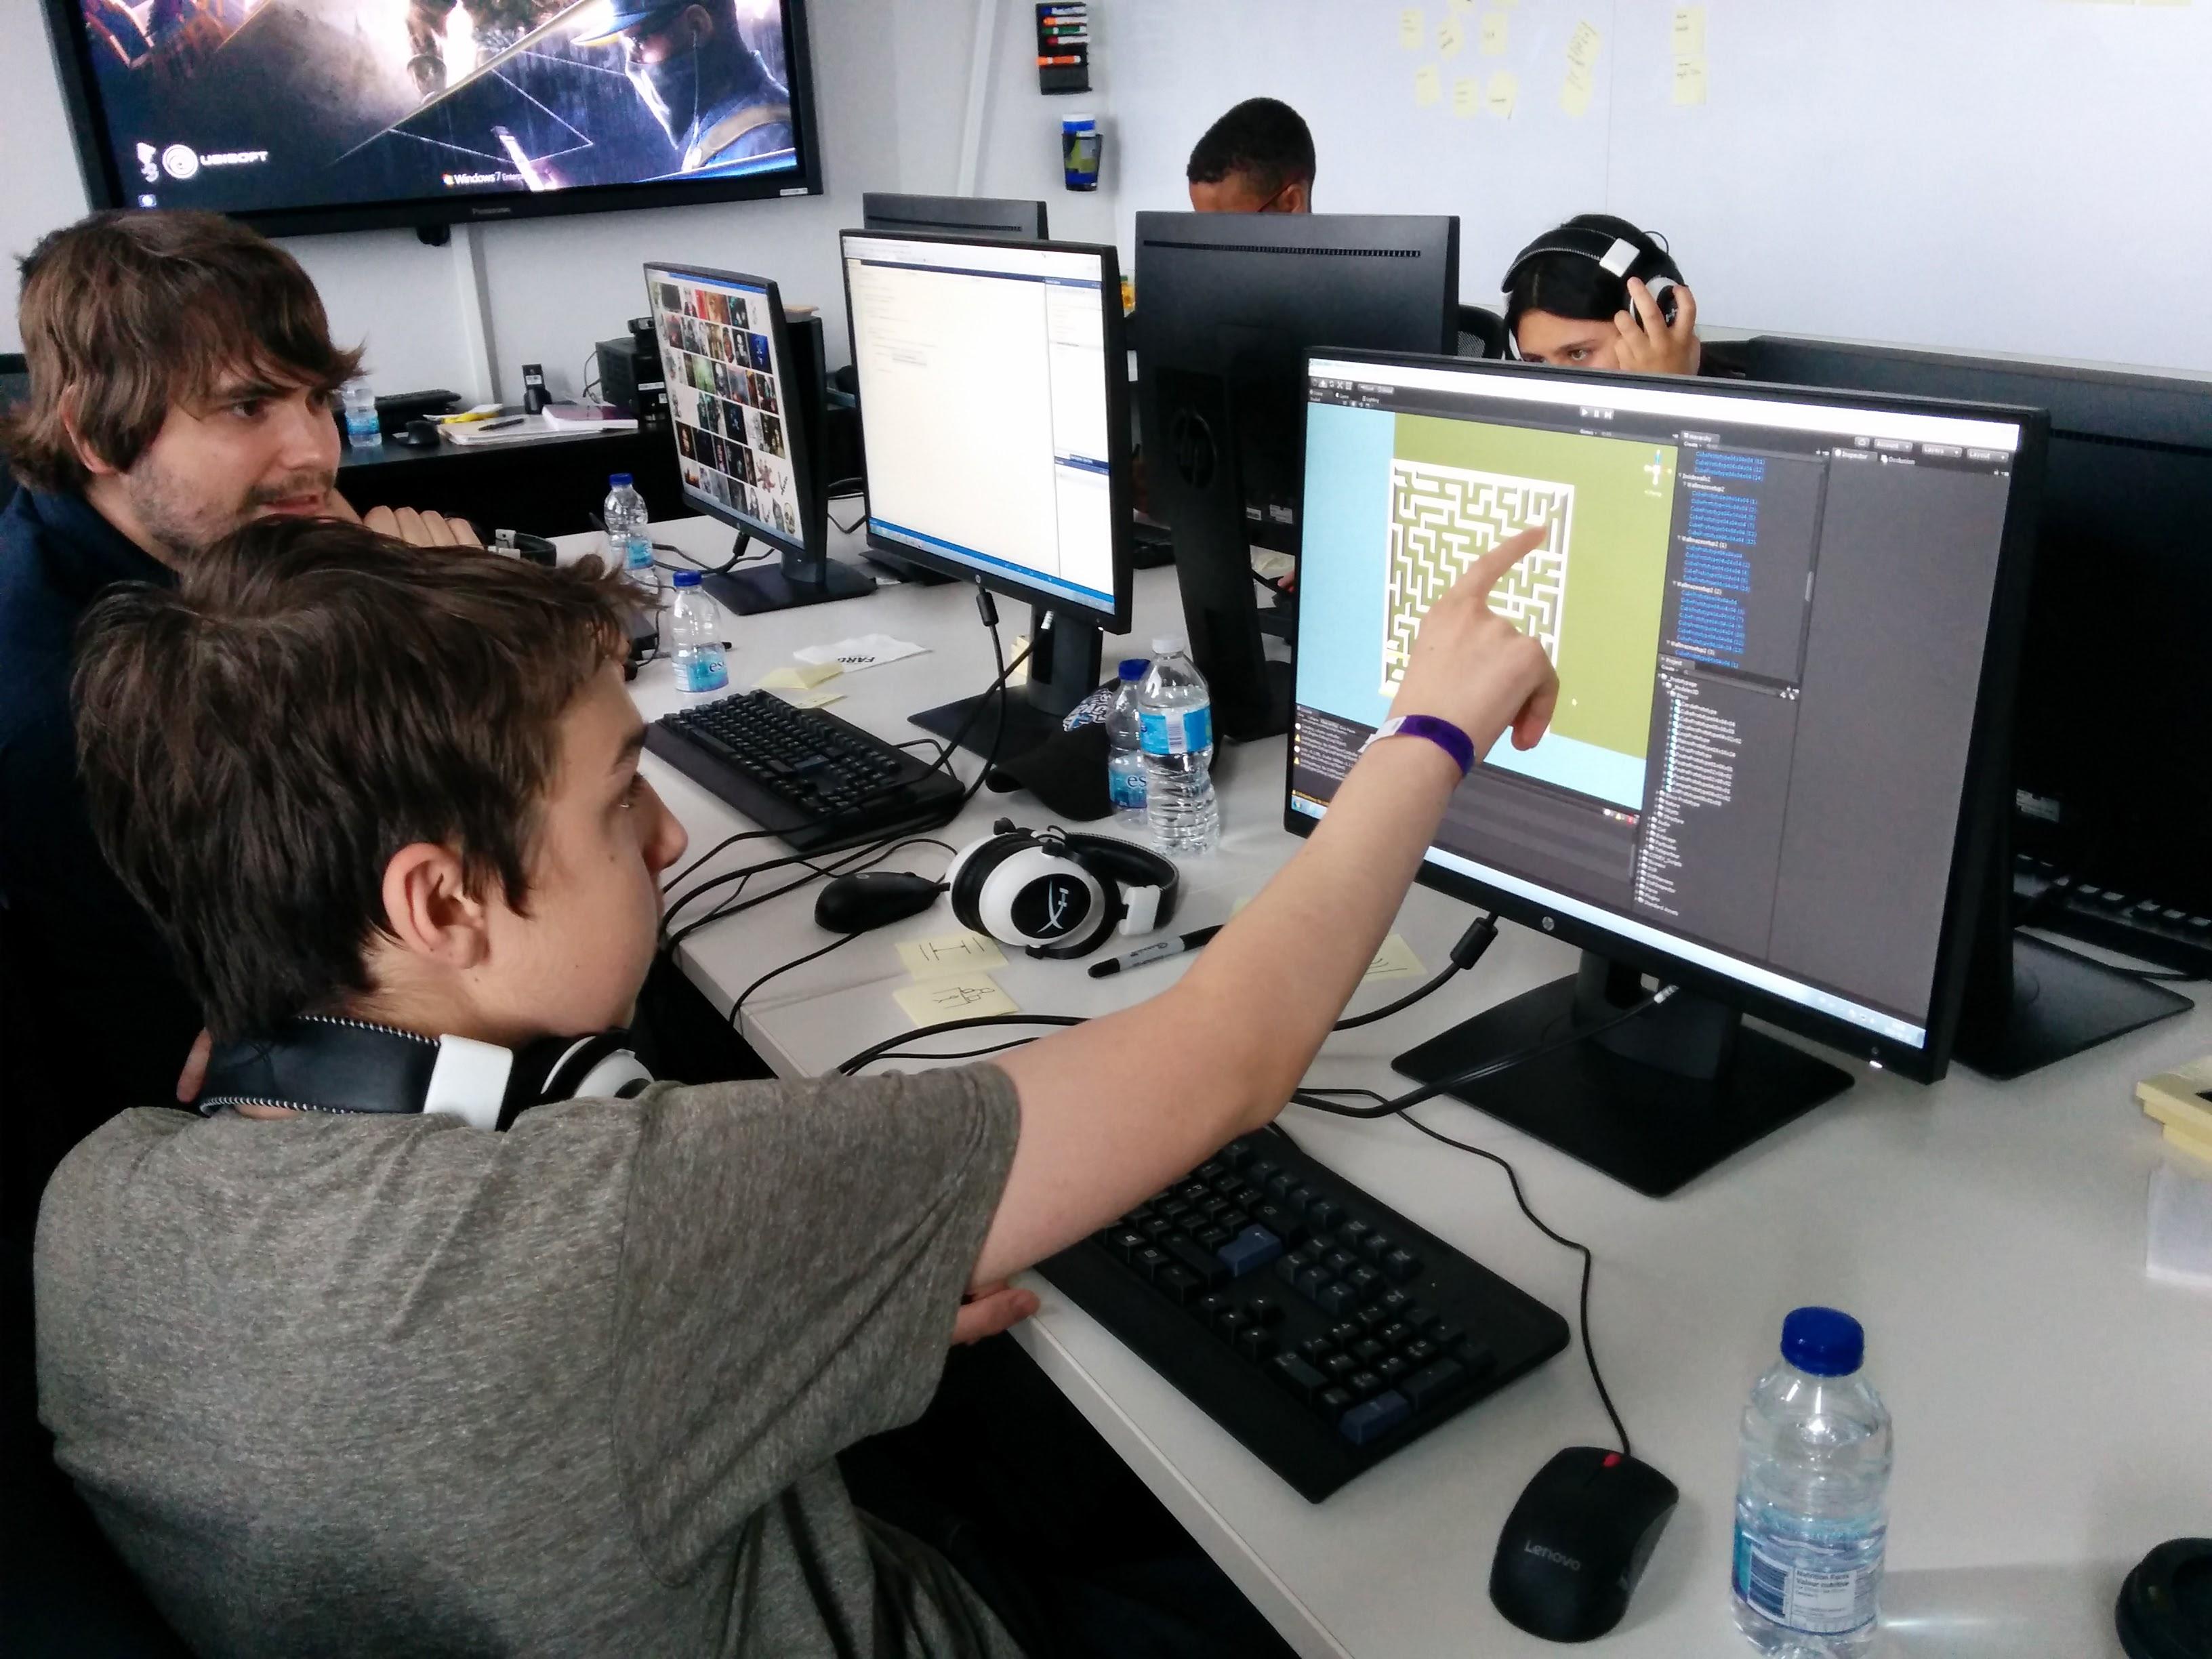 Des élèves du secondaire à Ubisoft Montréal pour un game jam en VR